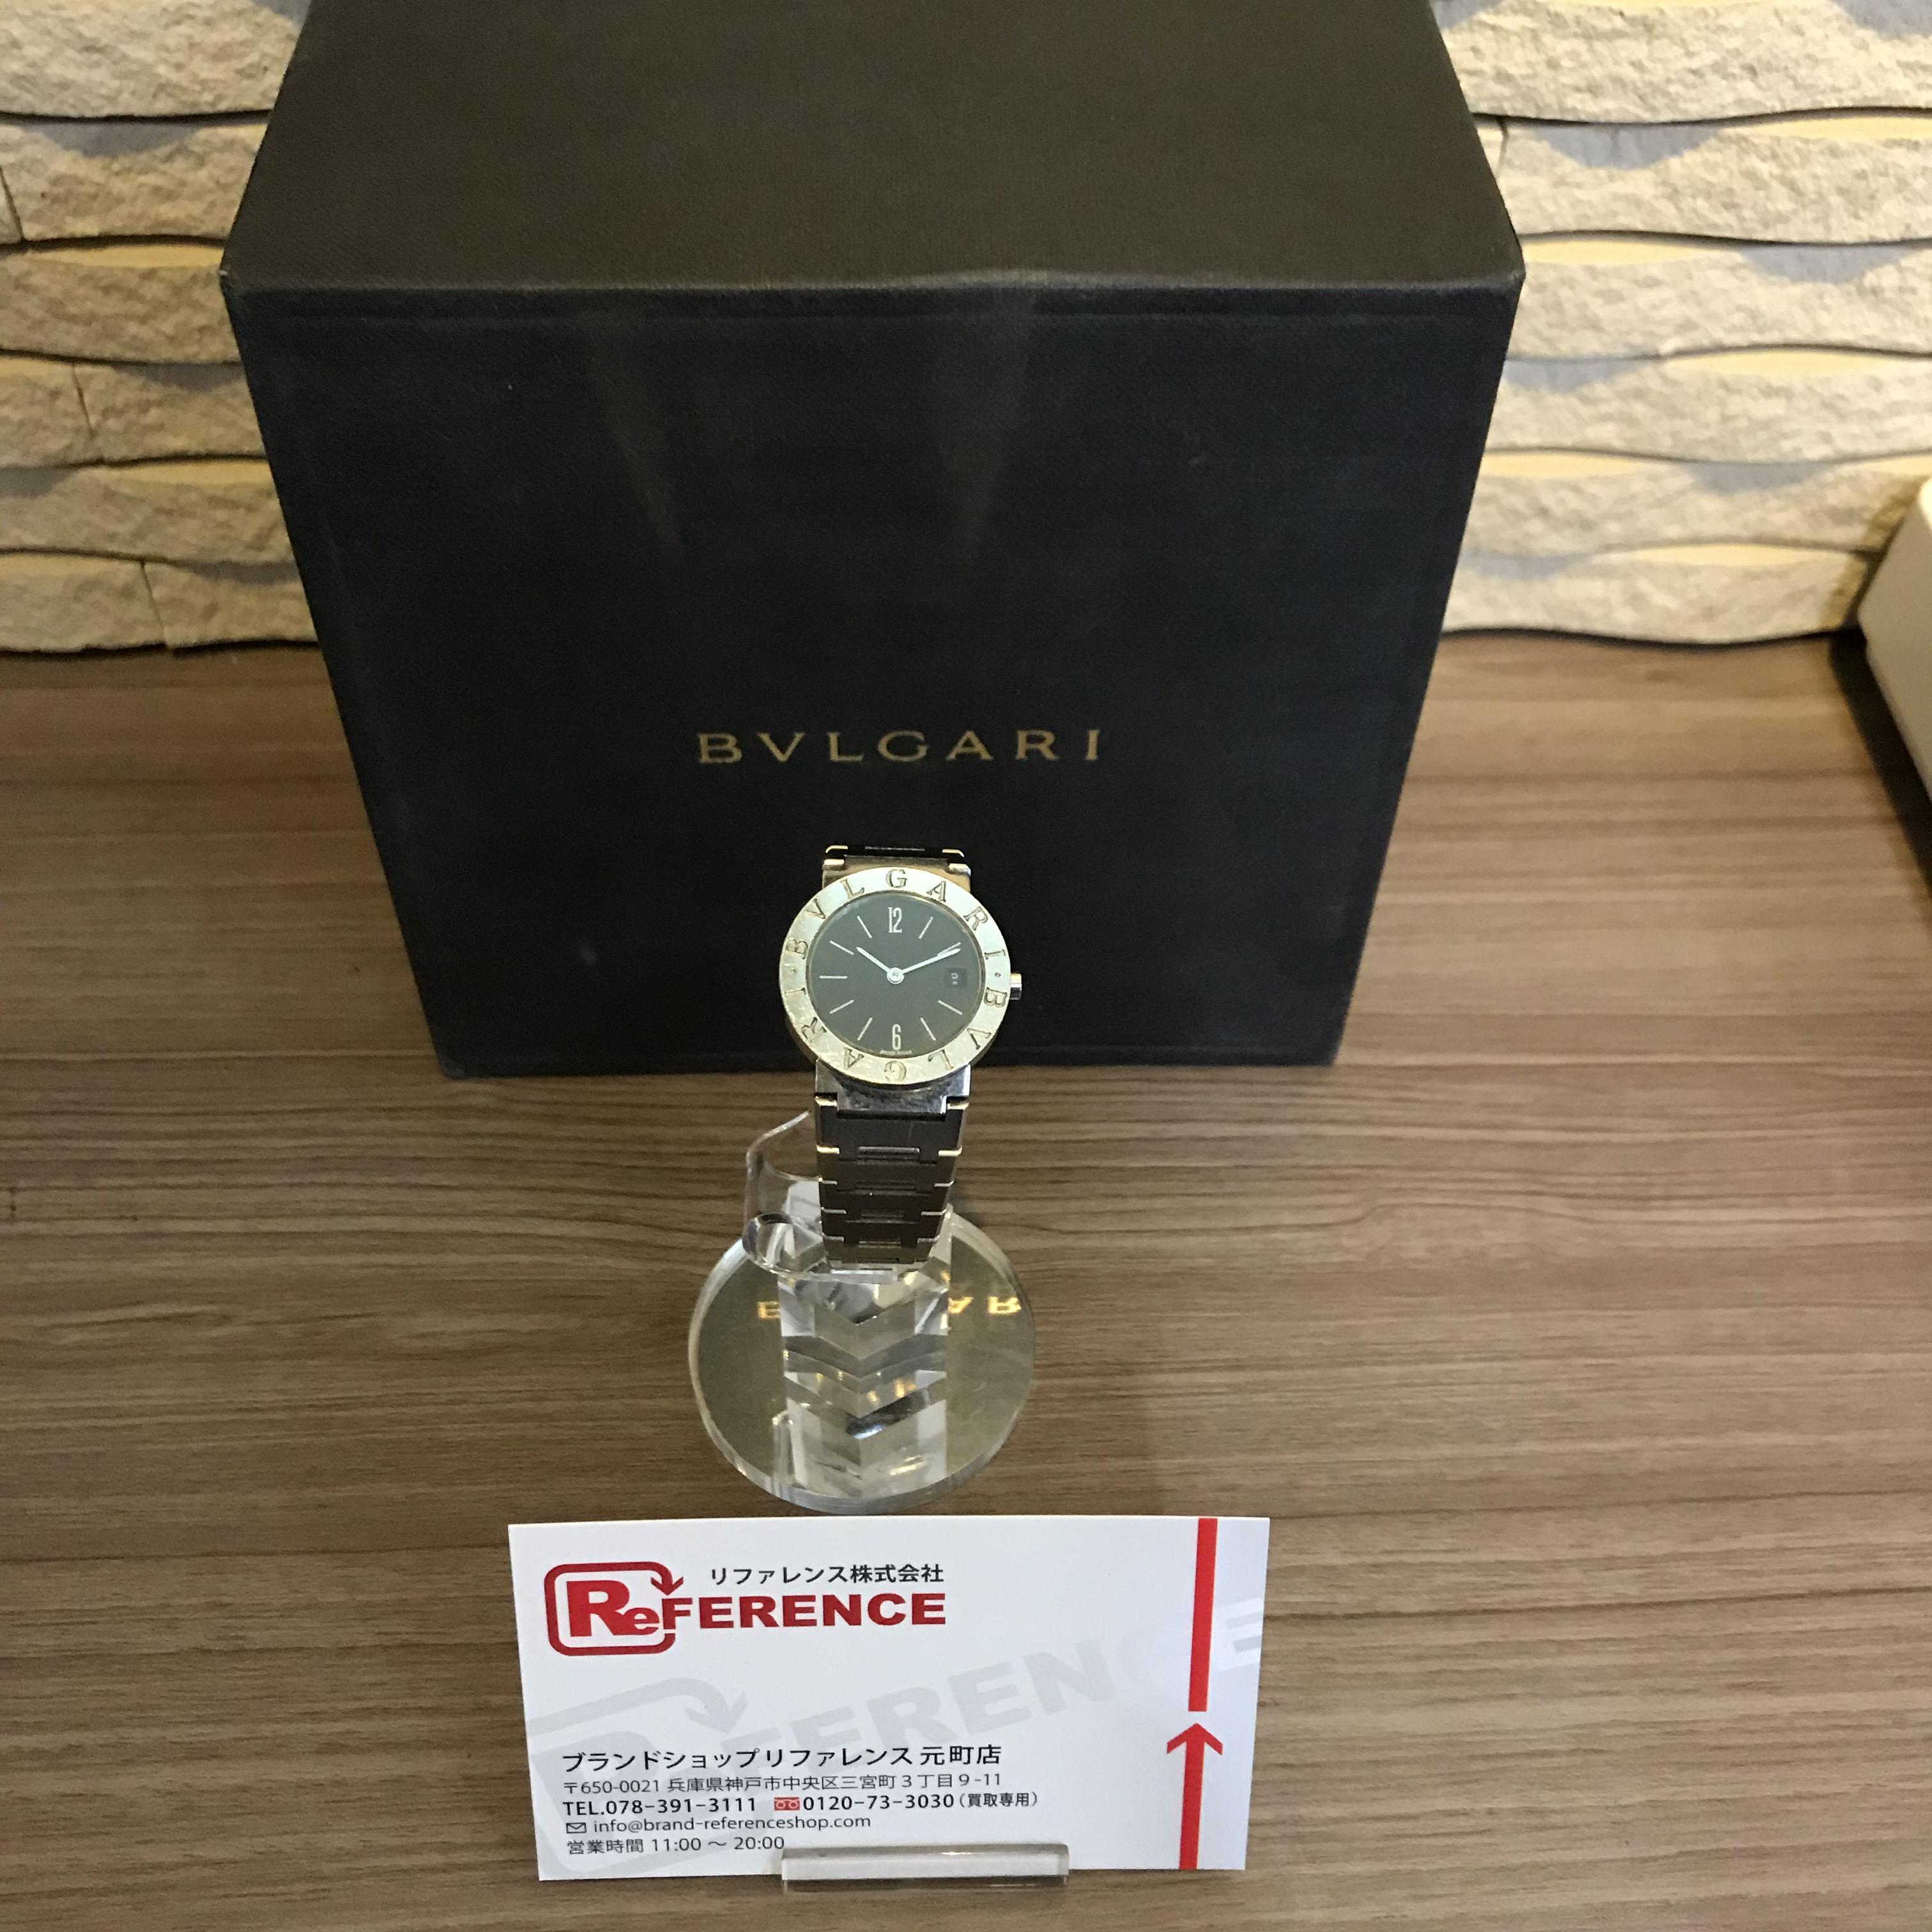 BVLGARI✨ブルガリの人気シリーズ腕時計【型番:BB26SS】を高価買取しました⌚